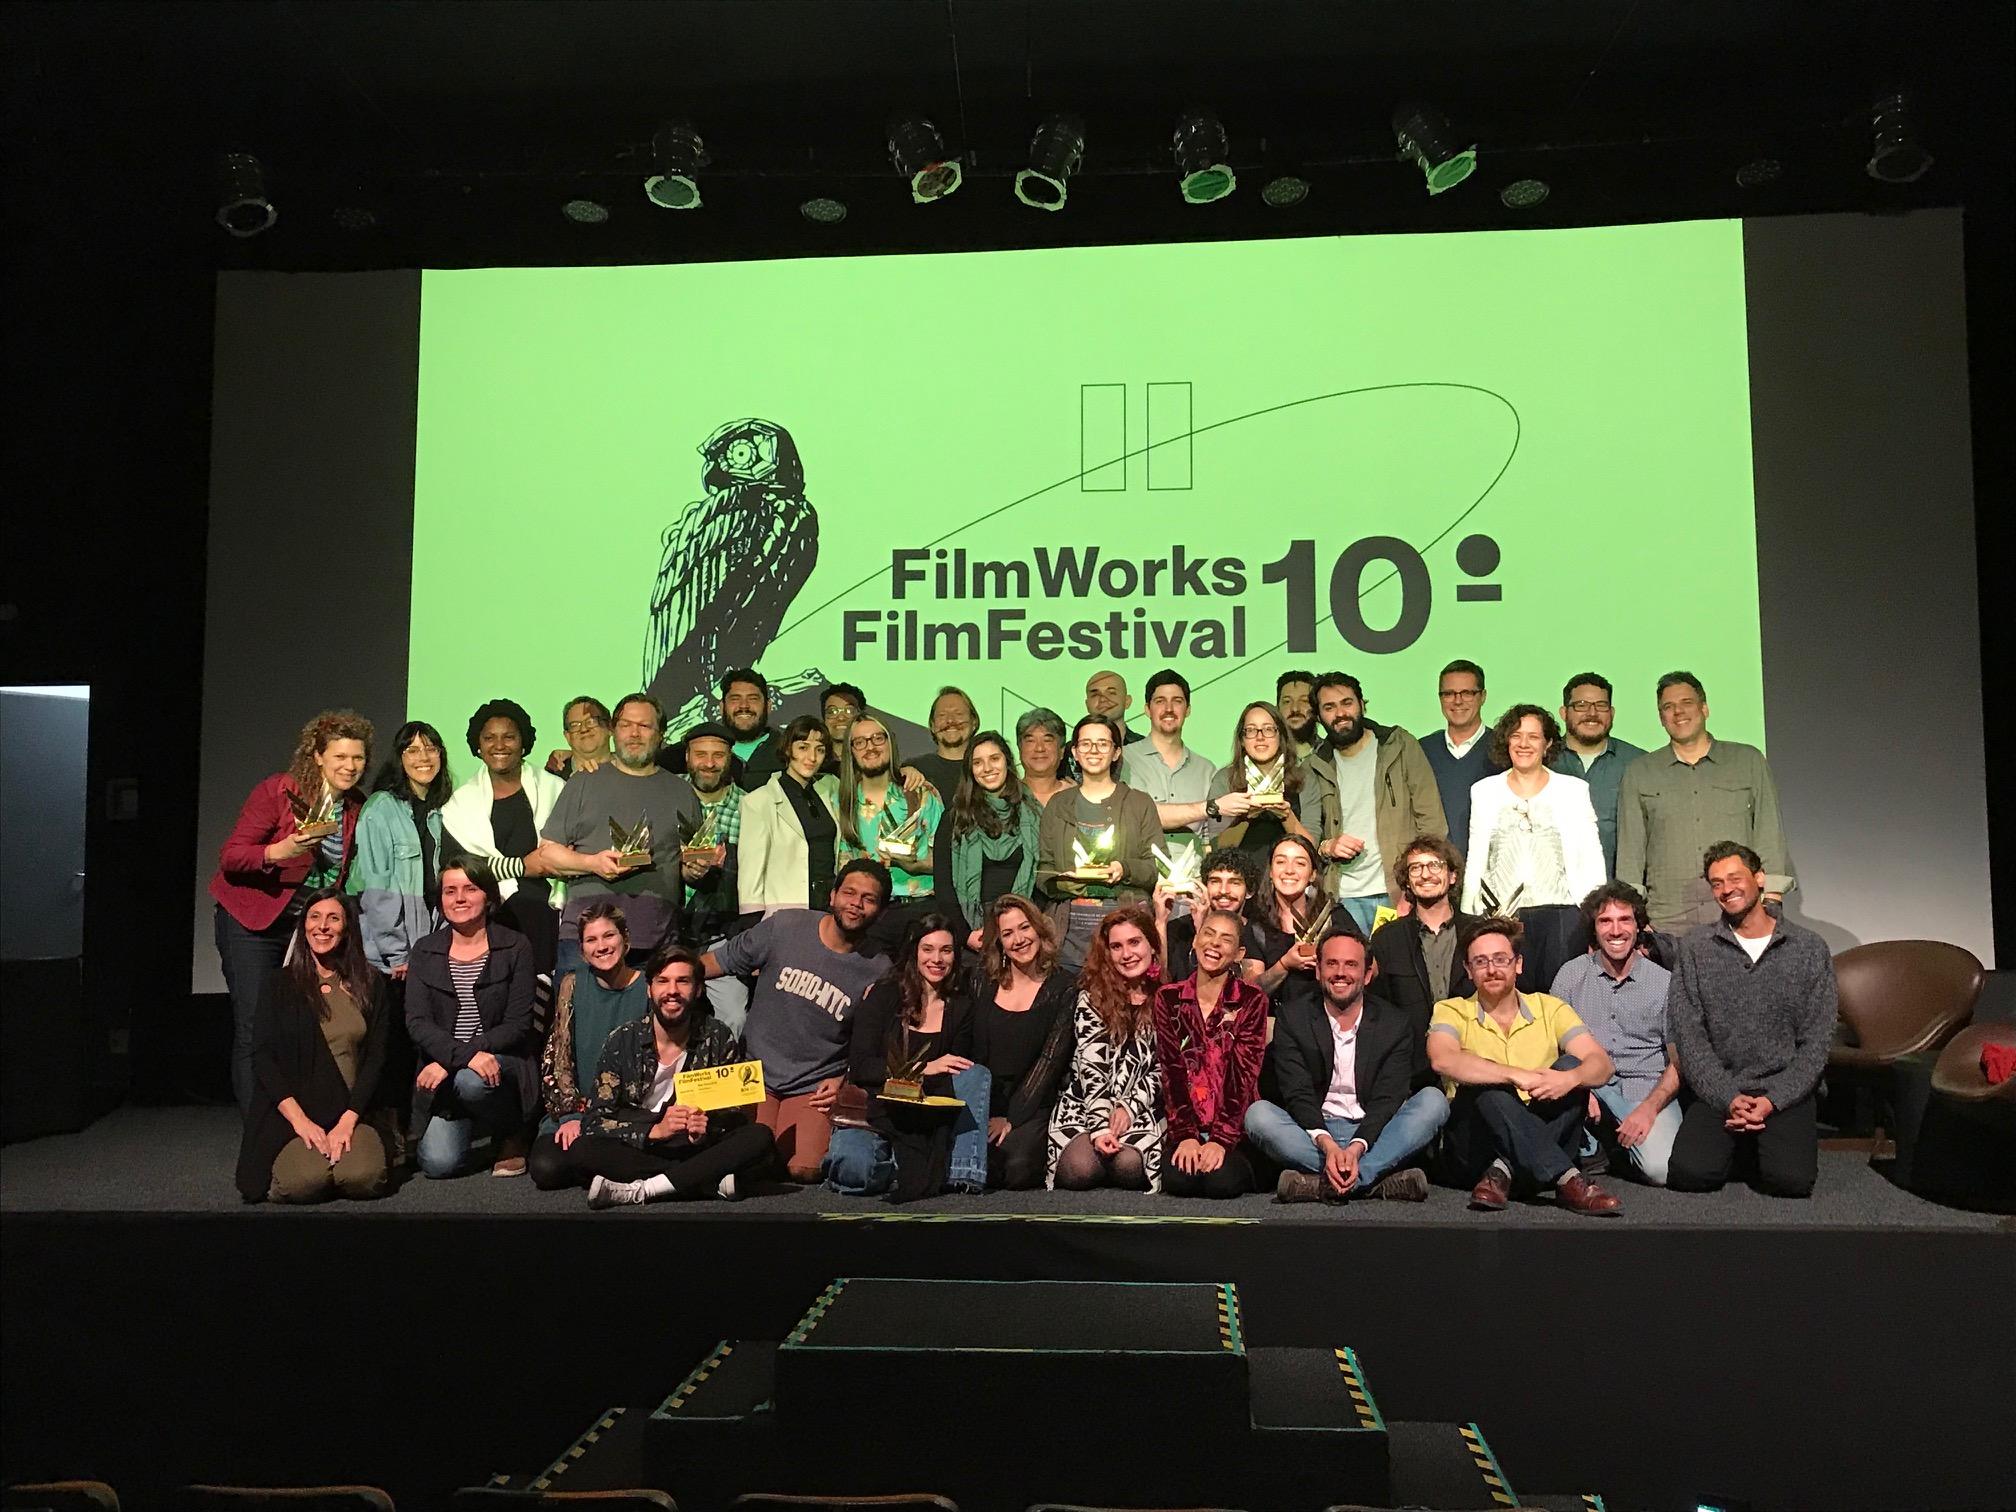 Vencedores FilmWorks Film Festival 2019 | São Paulo